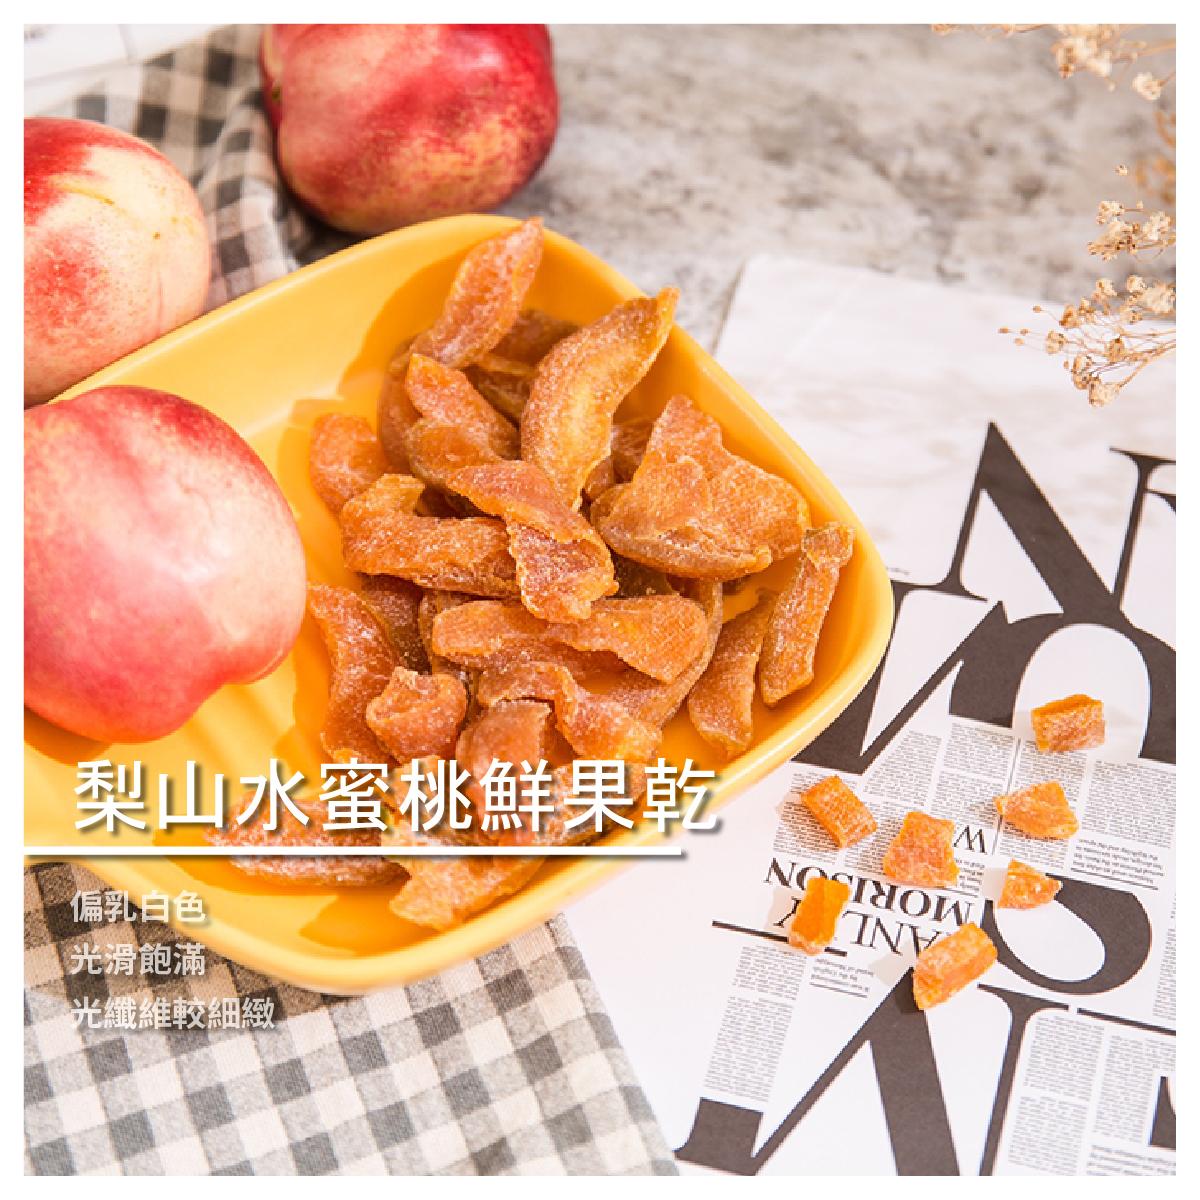 【曠野文農】梨山水蜜桃鮮果乾 170g/包